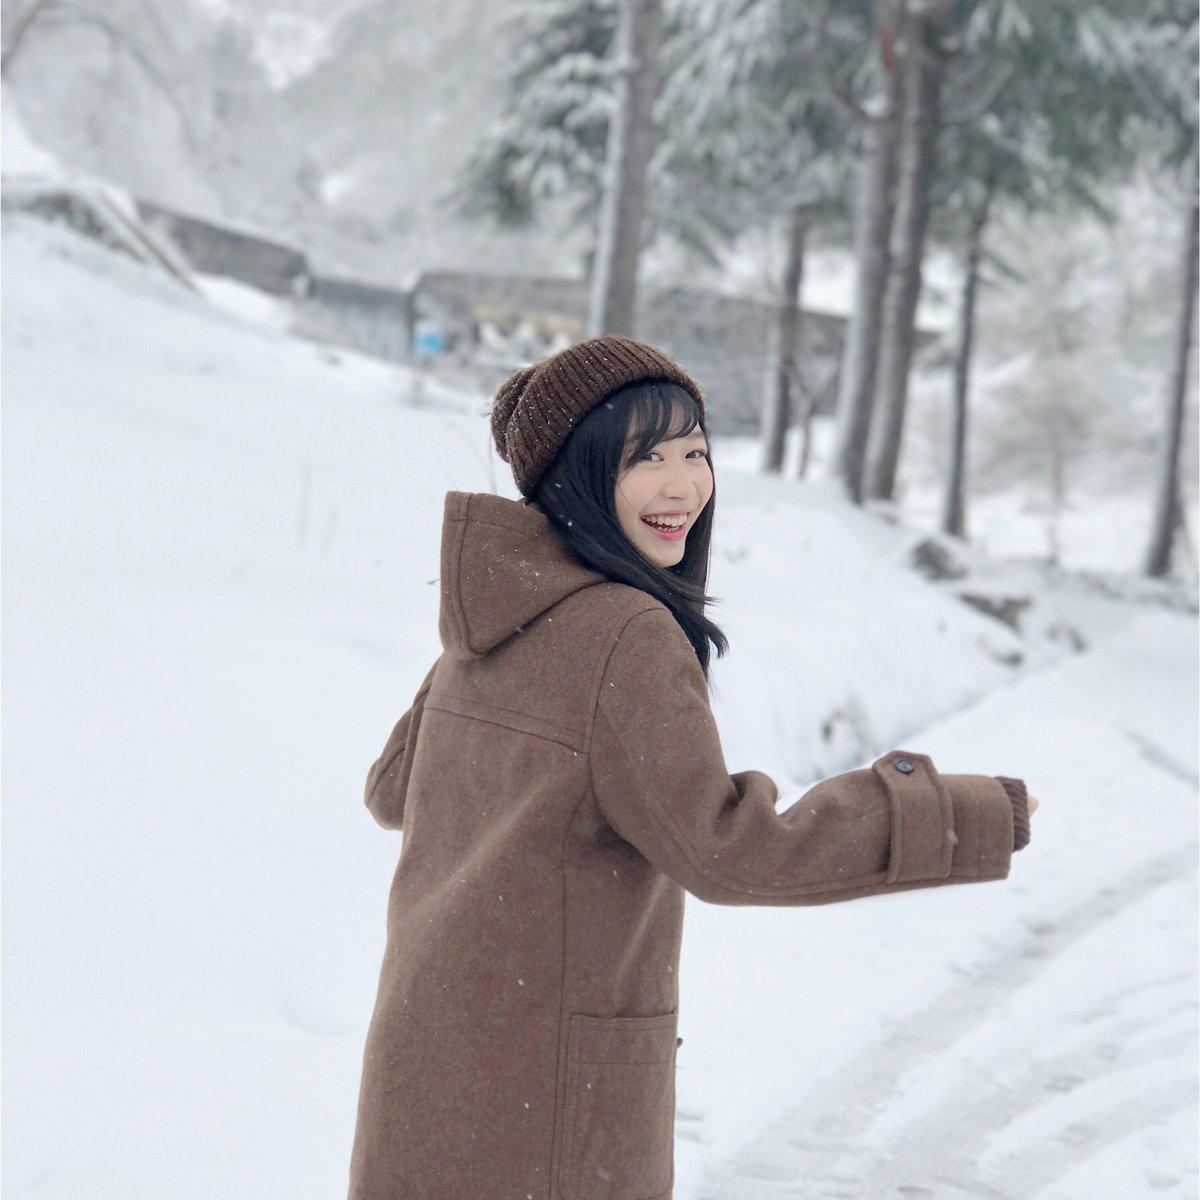 岡本夏美 2019→2020 冬の風景 済み